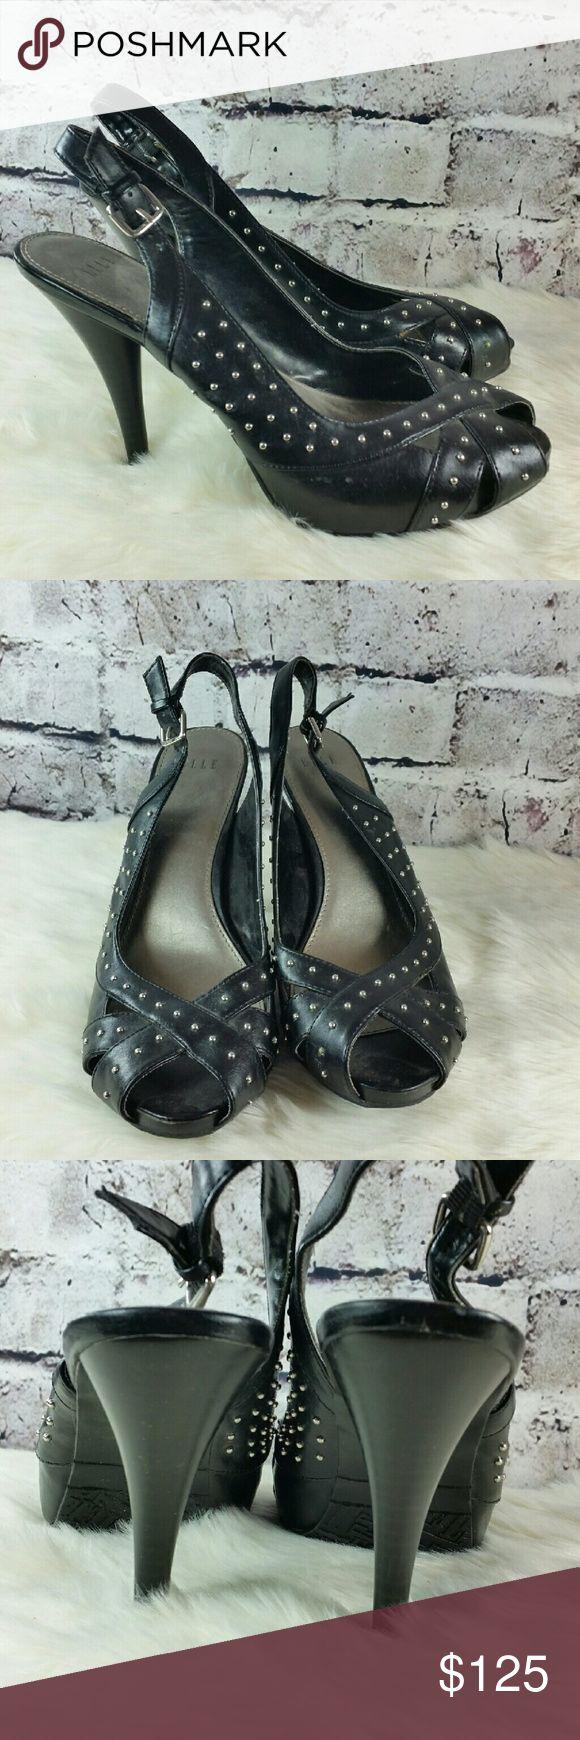 Black studded peep toe slingback heels Elle Maddy Black faux leather studded peep toe slingback heels. Heels are 4.5 inches Elle Shoes Heels